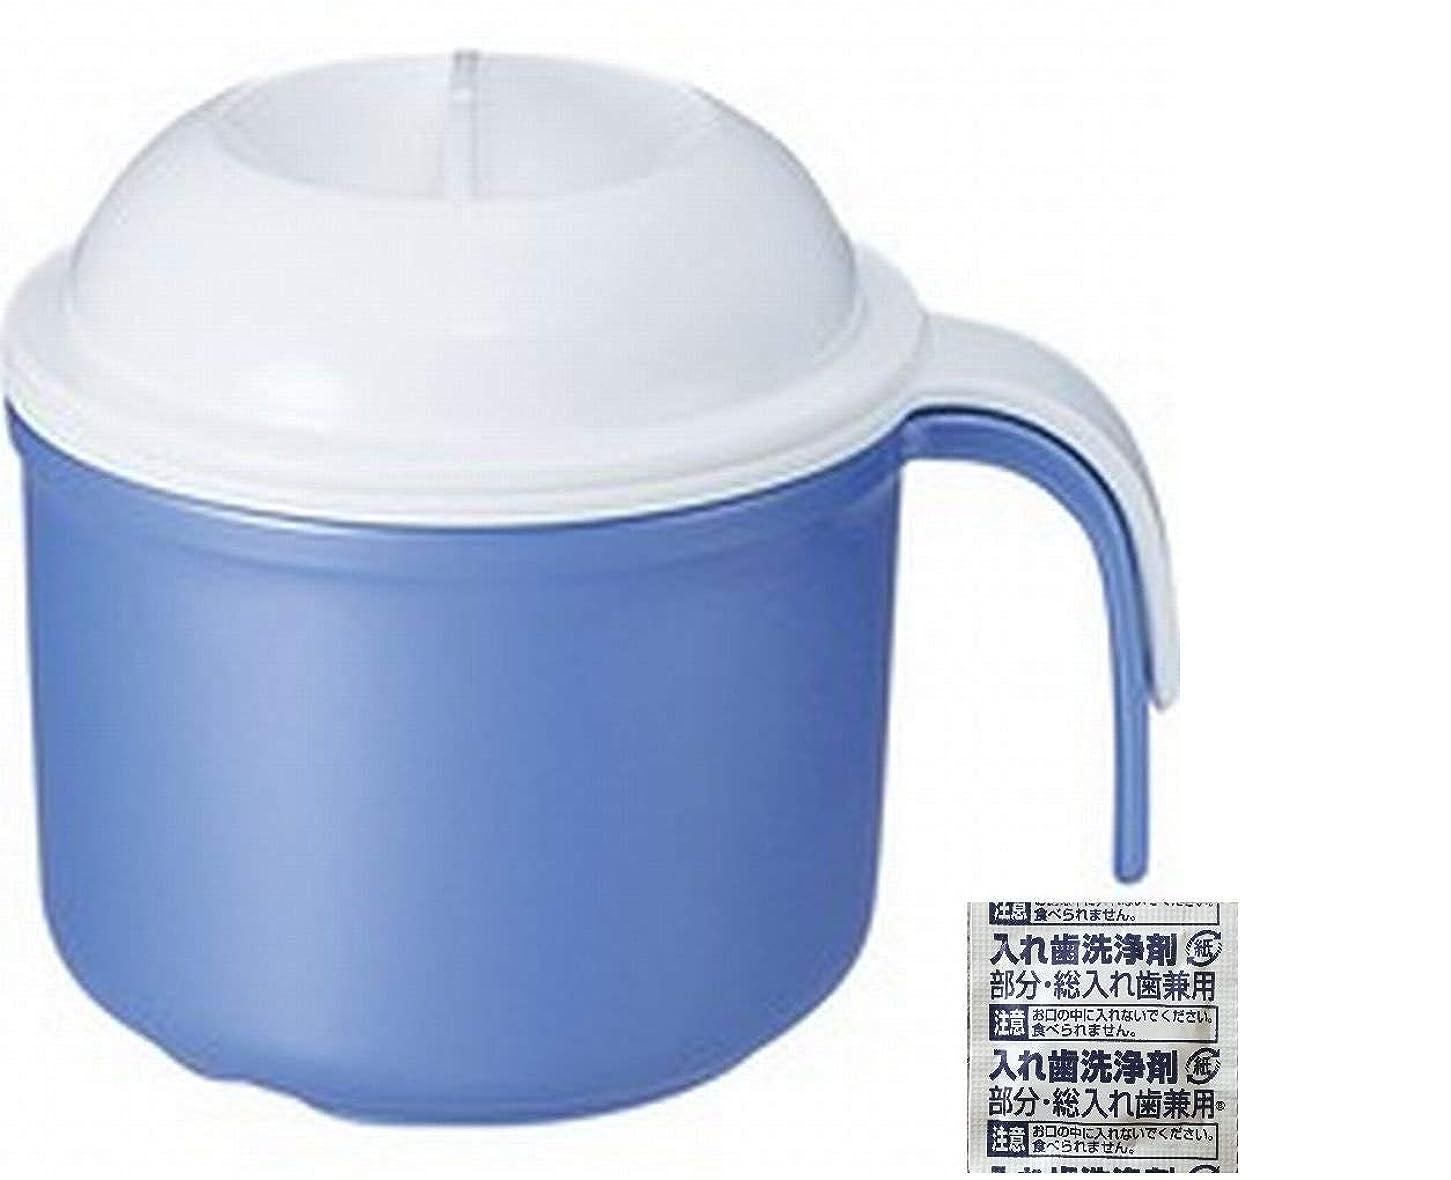 正確さ苦悩タイピスト日本製 入れ歯ケース 煮沸消毒可能 耐熱100度 J-9608